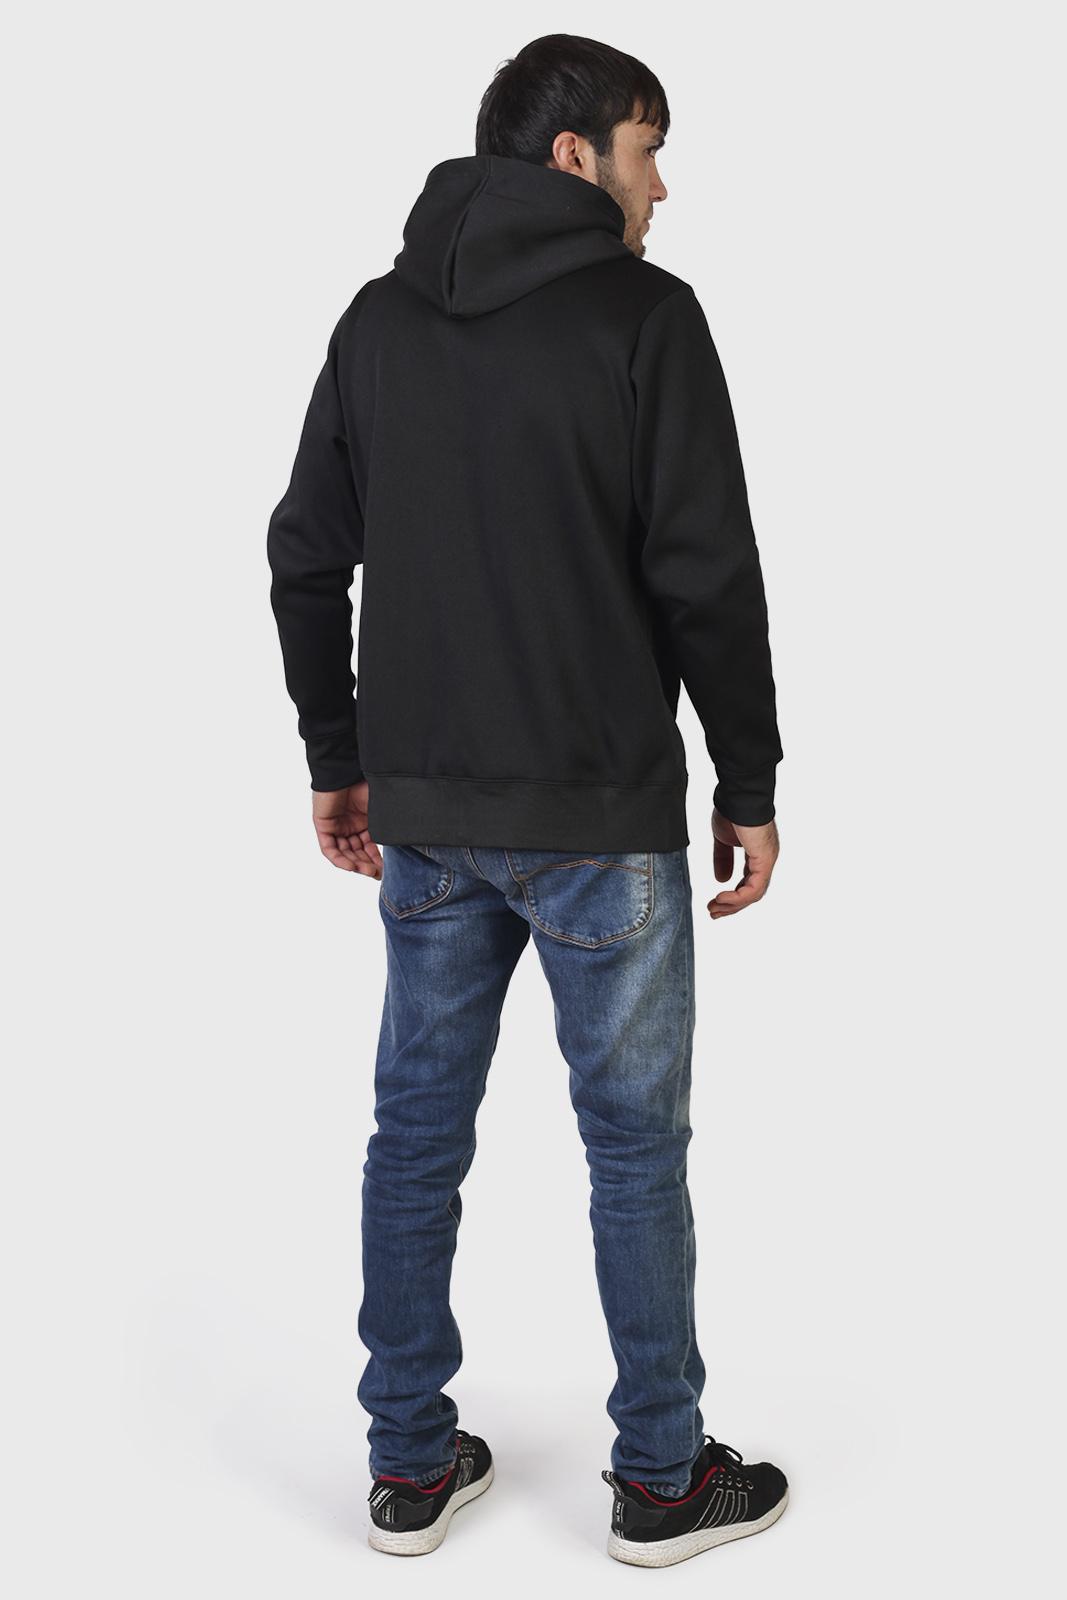 Однотонная трикотажная толстовка для парней с шевроном Спецназа ГРУ купить с доставкой